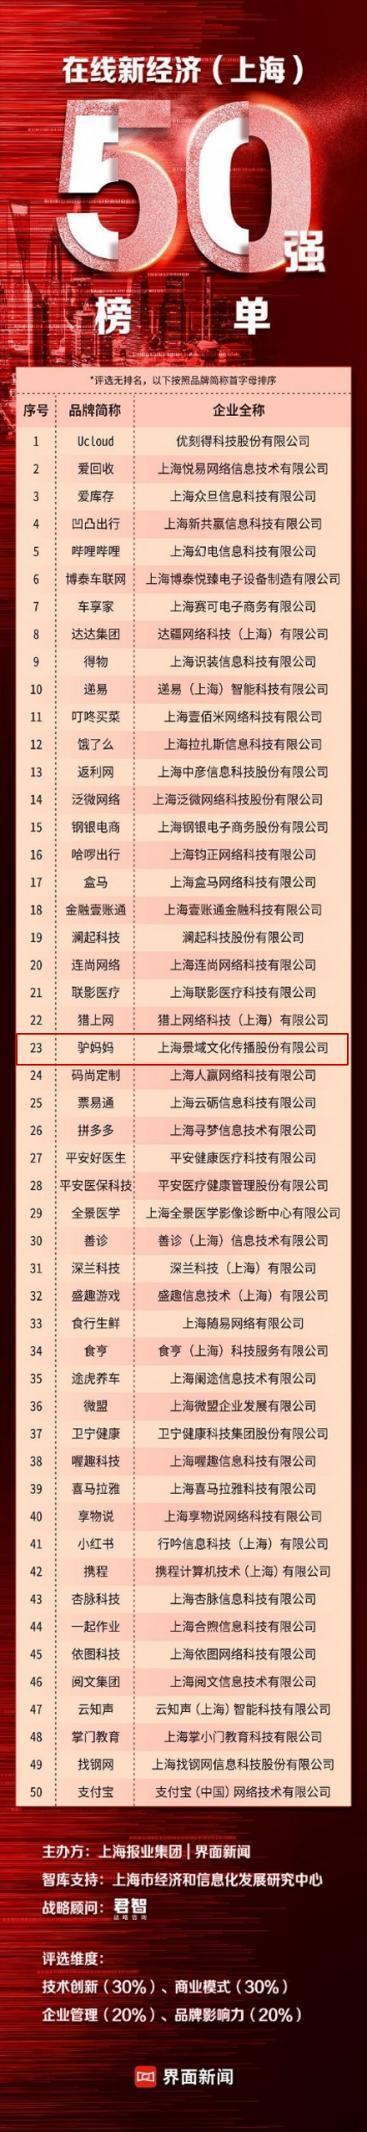 上海在线新经济50强出炉 哔哩哔哩、驴妈妈、小红书、支付宝等上榜